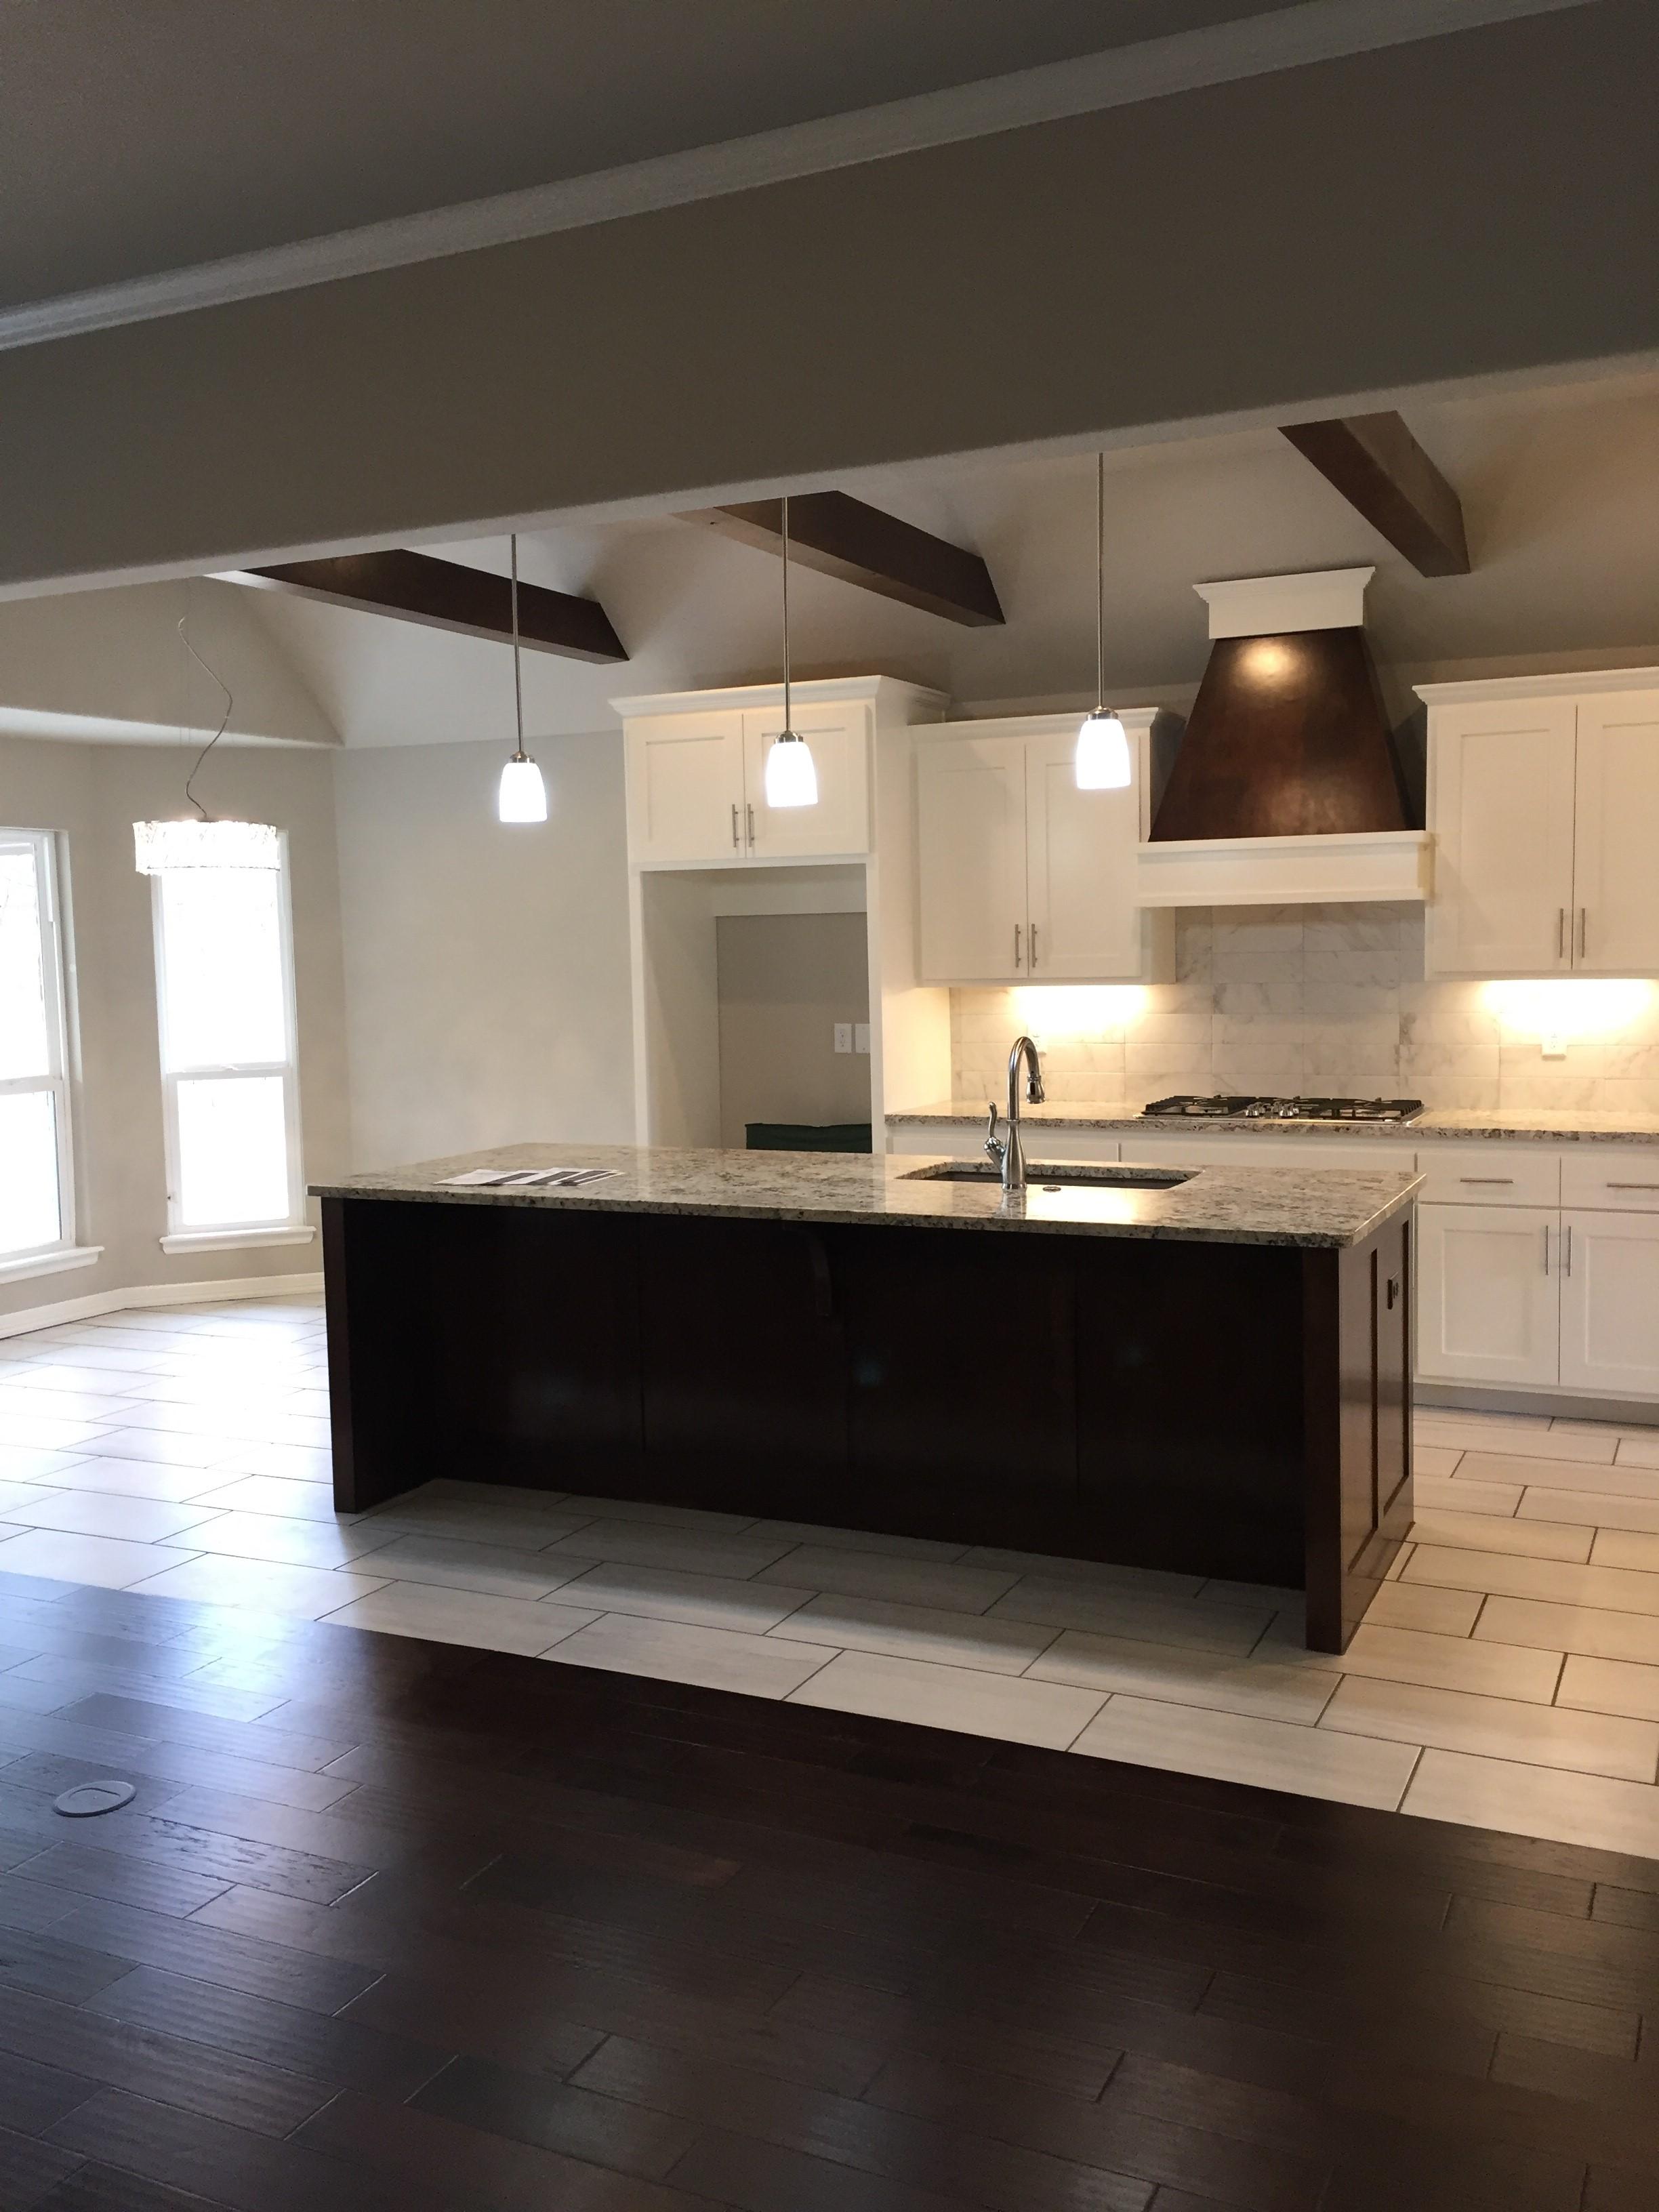 2917 kitchen.jpg